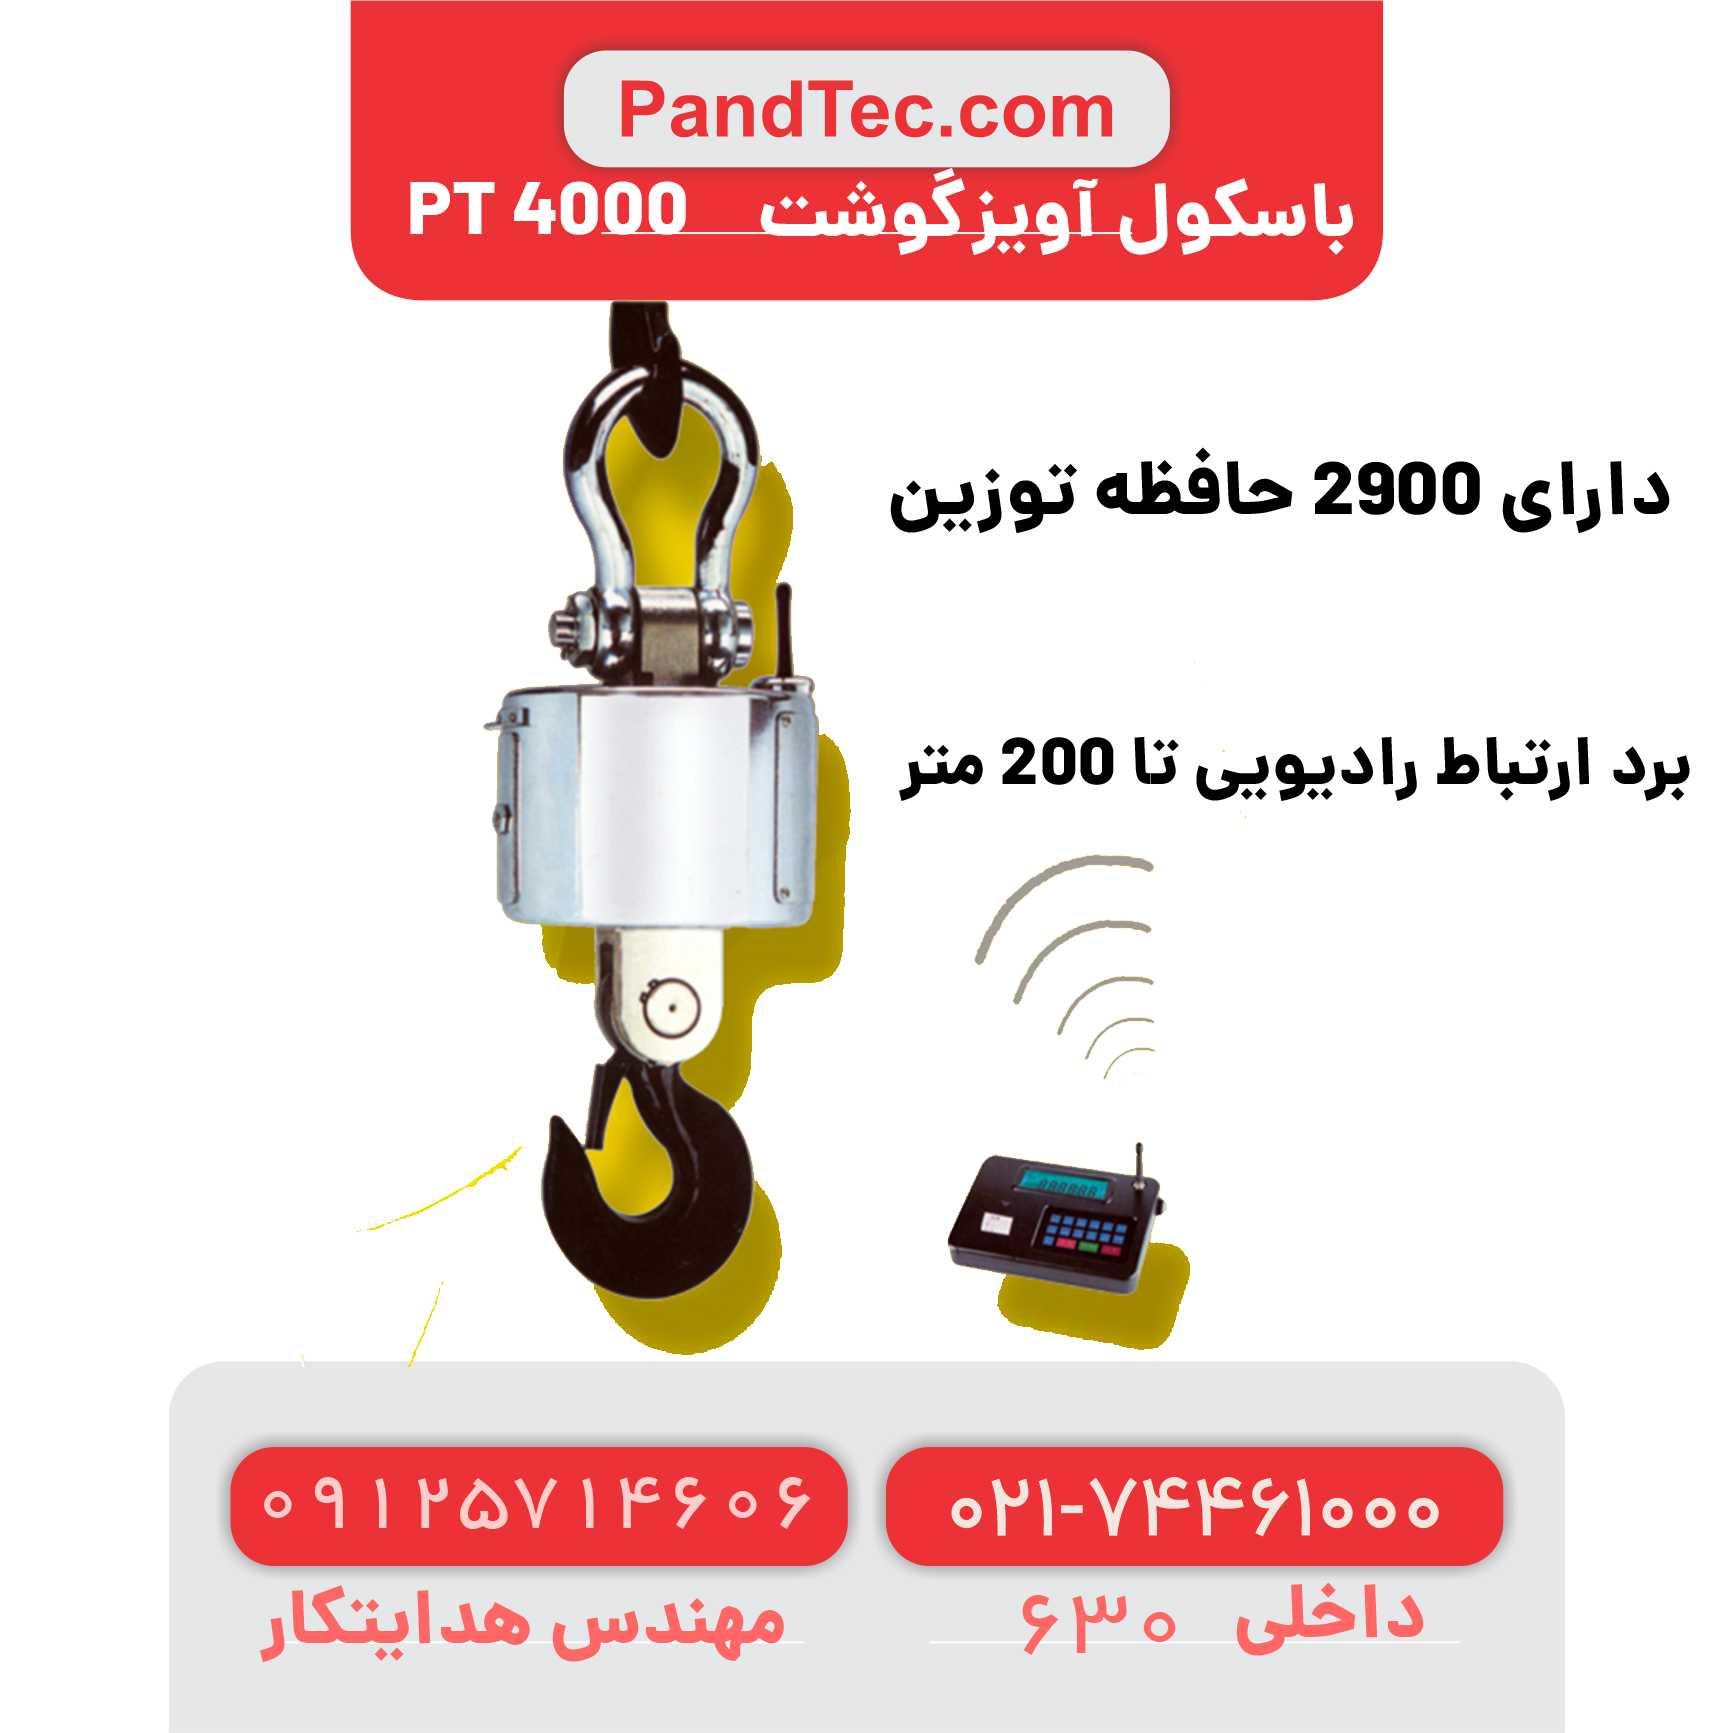 سیستم های توزین  دامداری و کشاورزی و صنعتی (آویز گوشت مدل PT4000)